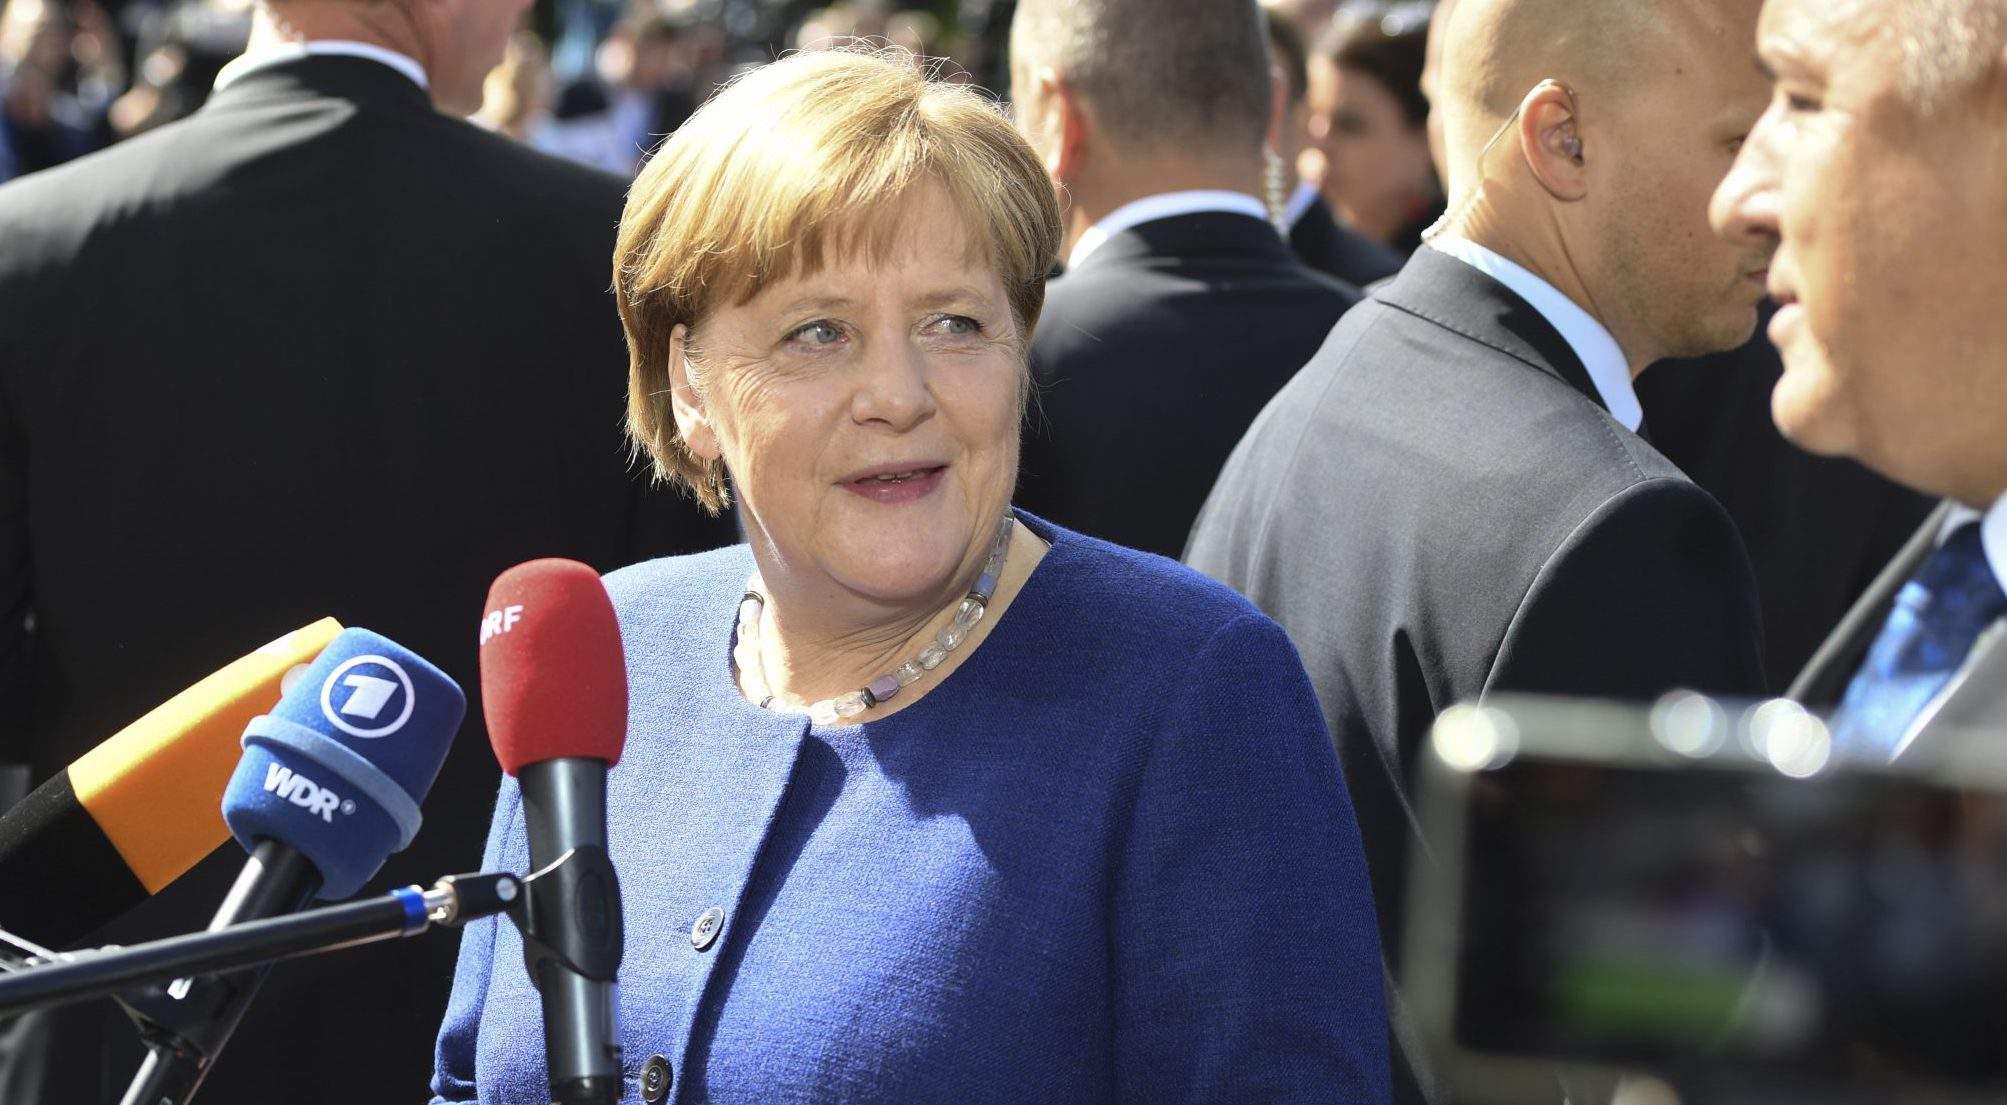 Merkel EU smile Sofia